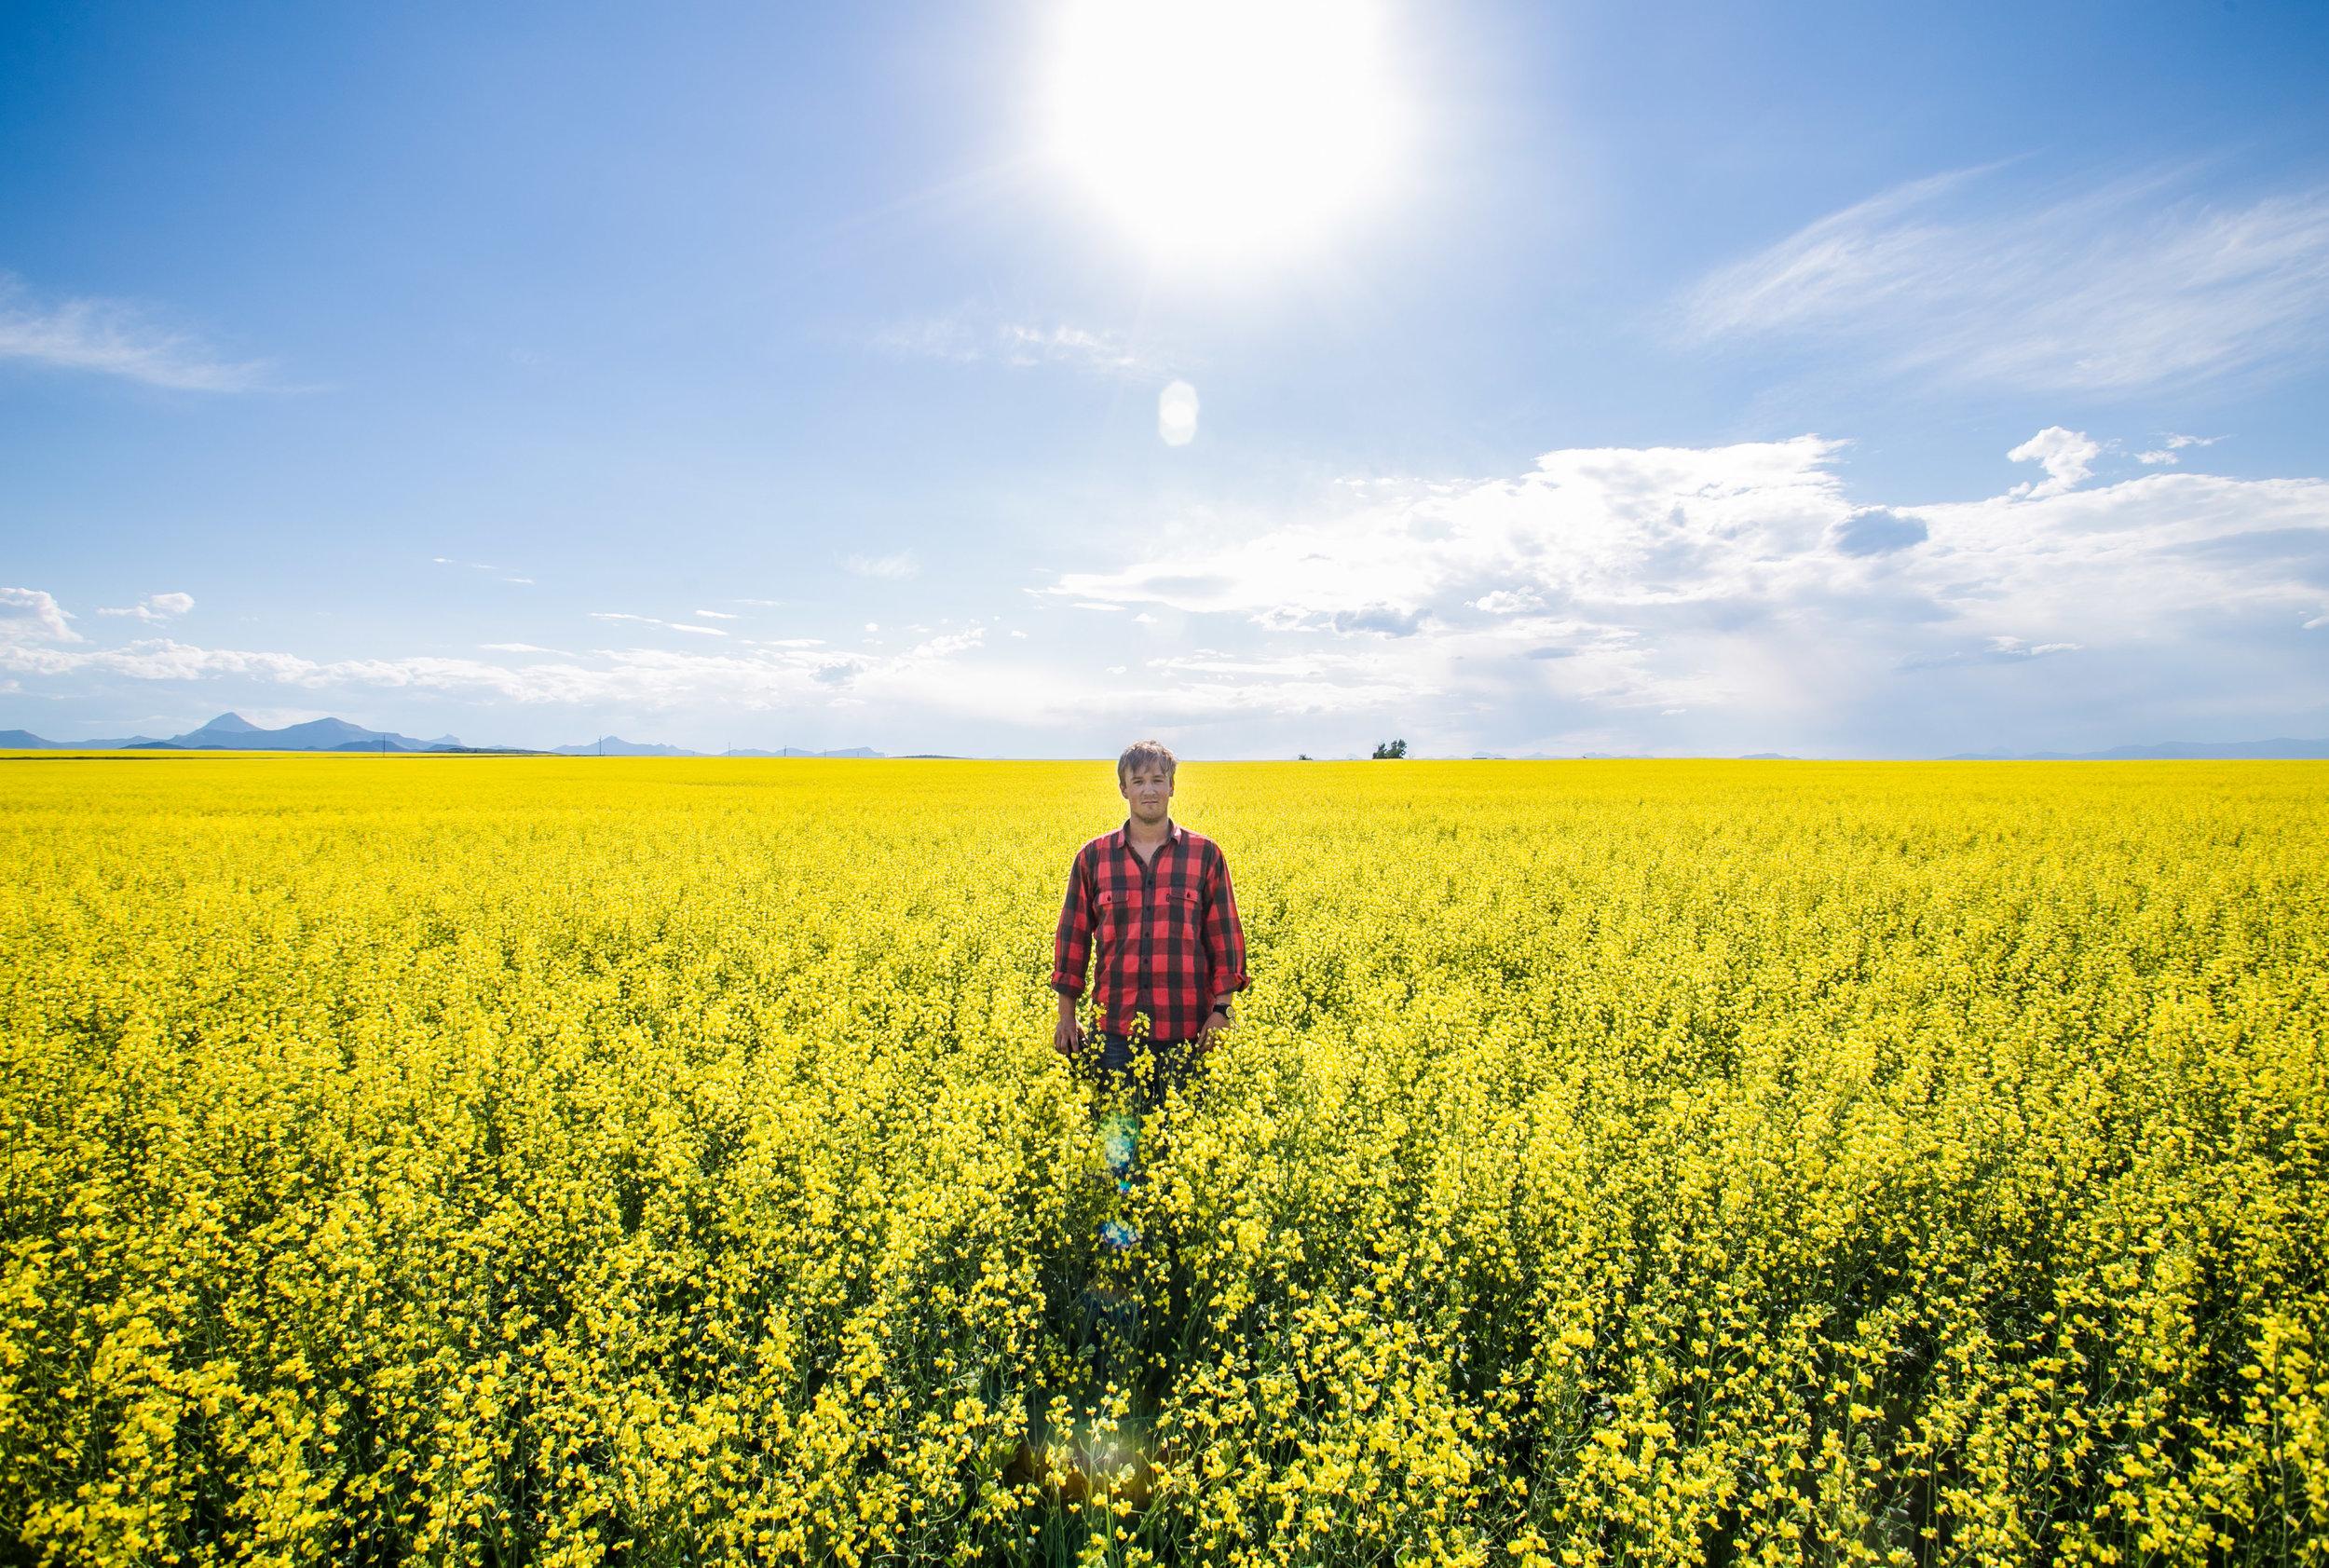 Garett - Alberta, Canada